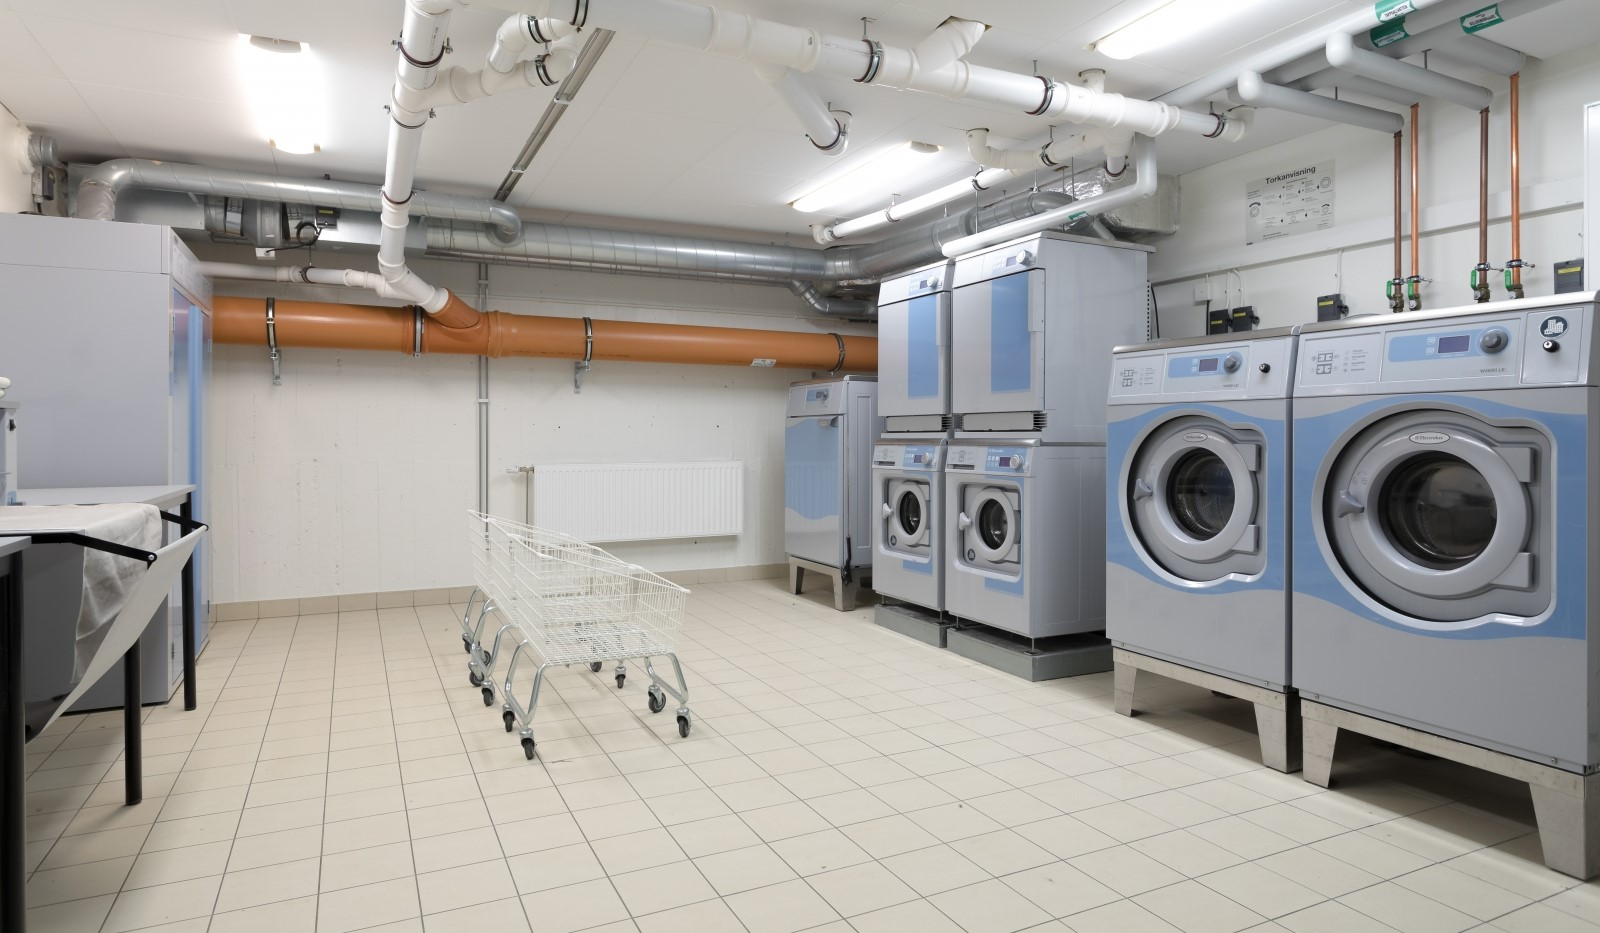 Tellusborgsvägen 90, 2 tr - Föreningens gemensamma tvättstuga